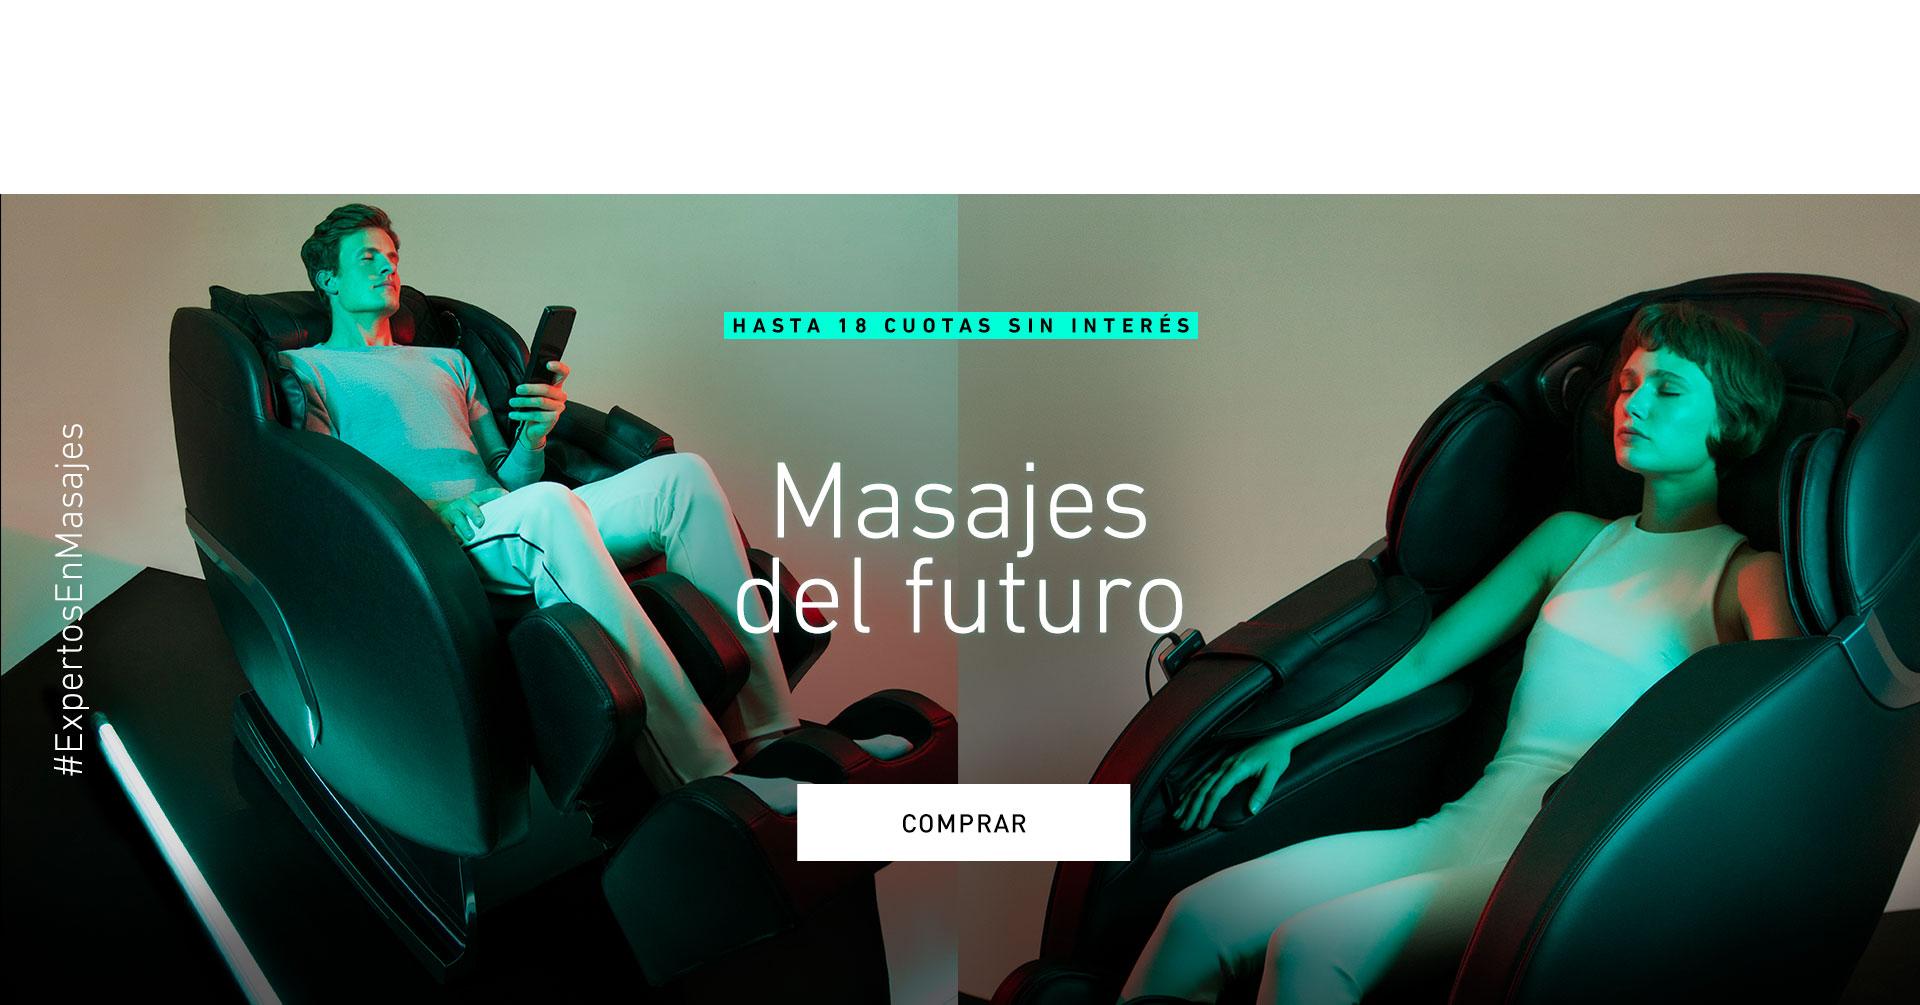 Masajes del futuro